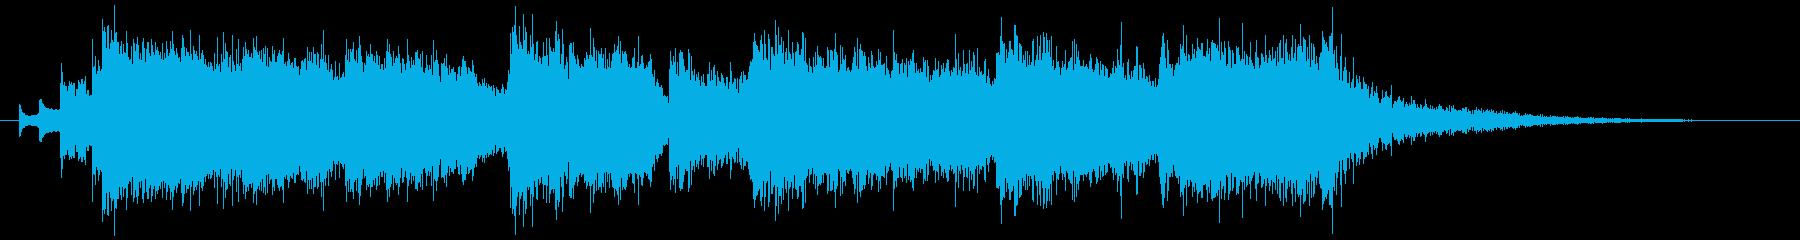 ファンタジー系のファンファーレの再生済みの波形